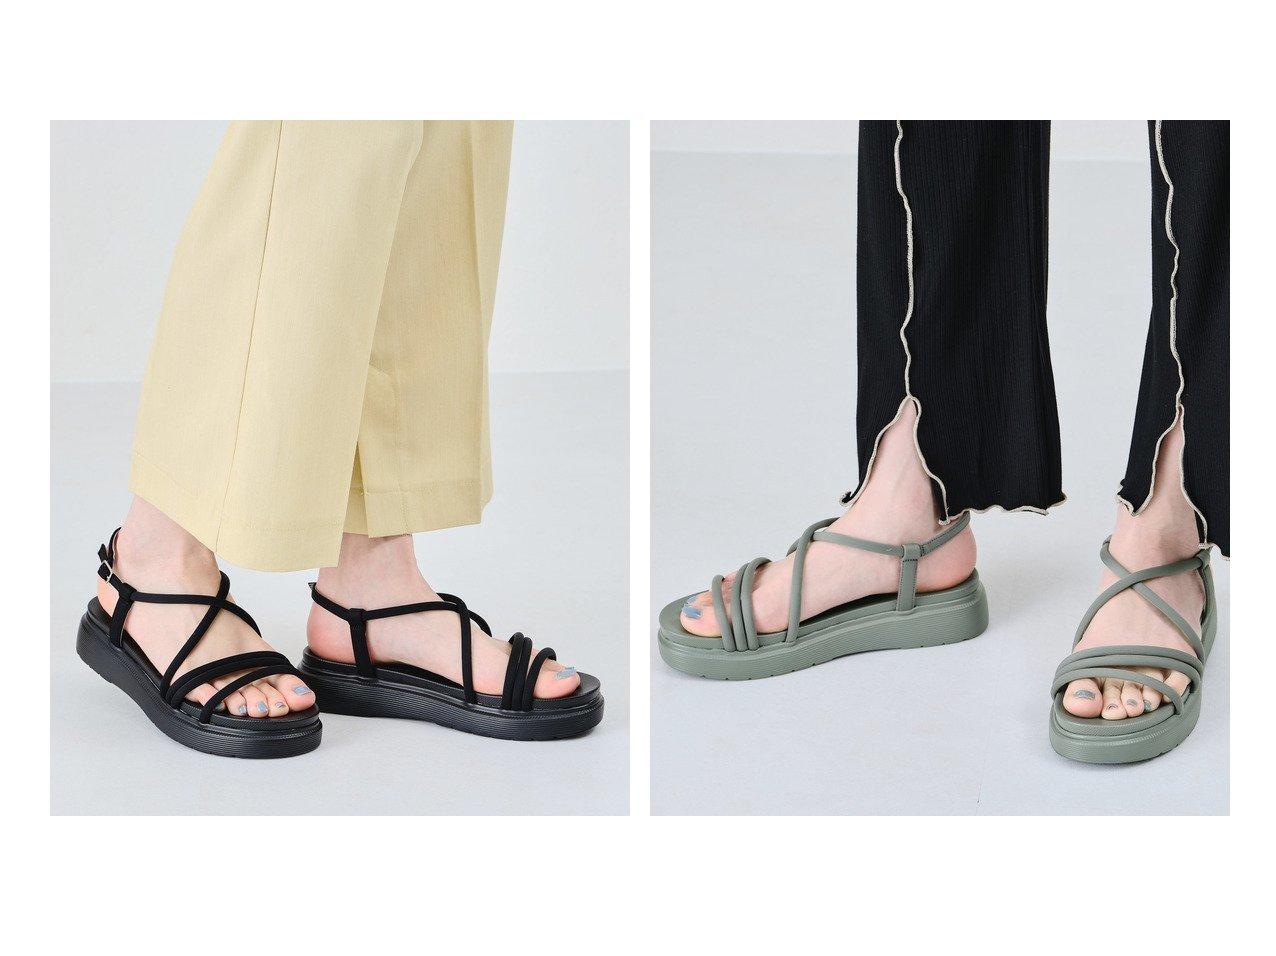 【NICALby ORiental TRaffic/オリエンタルトラフィック】の【2021春夏新作】チューブストラップスポーツサンダル/11216 【シューズ・靴】おすすめ!人気トレンド・レディースファッション通販 おすすめで人気の流行・トレンド、ファッションの通販商品 インテリア・家具・メンズファッション・キッズファッション・レディースファッション・服の通販 founy(ファニー) https://founy.com/ ファッション Fashion レディースファッション WOMEN スポーツウェア Sportswear サンダル / ミュール Sandals スポーツ シューズ Shoes NEW・新作・新着・新入荷 New Arrivals 2021年 2021 2021春夏・S/S SS/Spring/Summer/2021 S/S・春夏 SS・Spring/Summer おすすめ Recommend サンダル シューズ スポーツ スポーティ チューブ トレンド ヌーディ ラップ 夏 Summer 春 Spring  ID:crp329100000050702